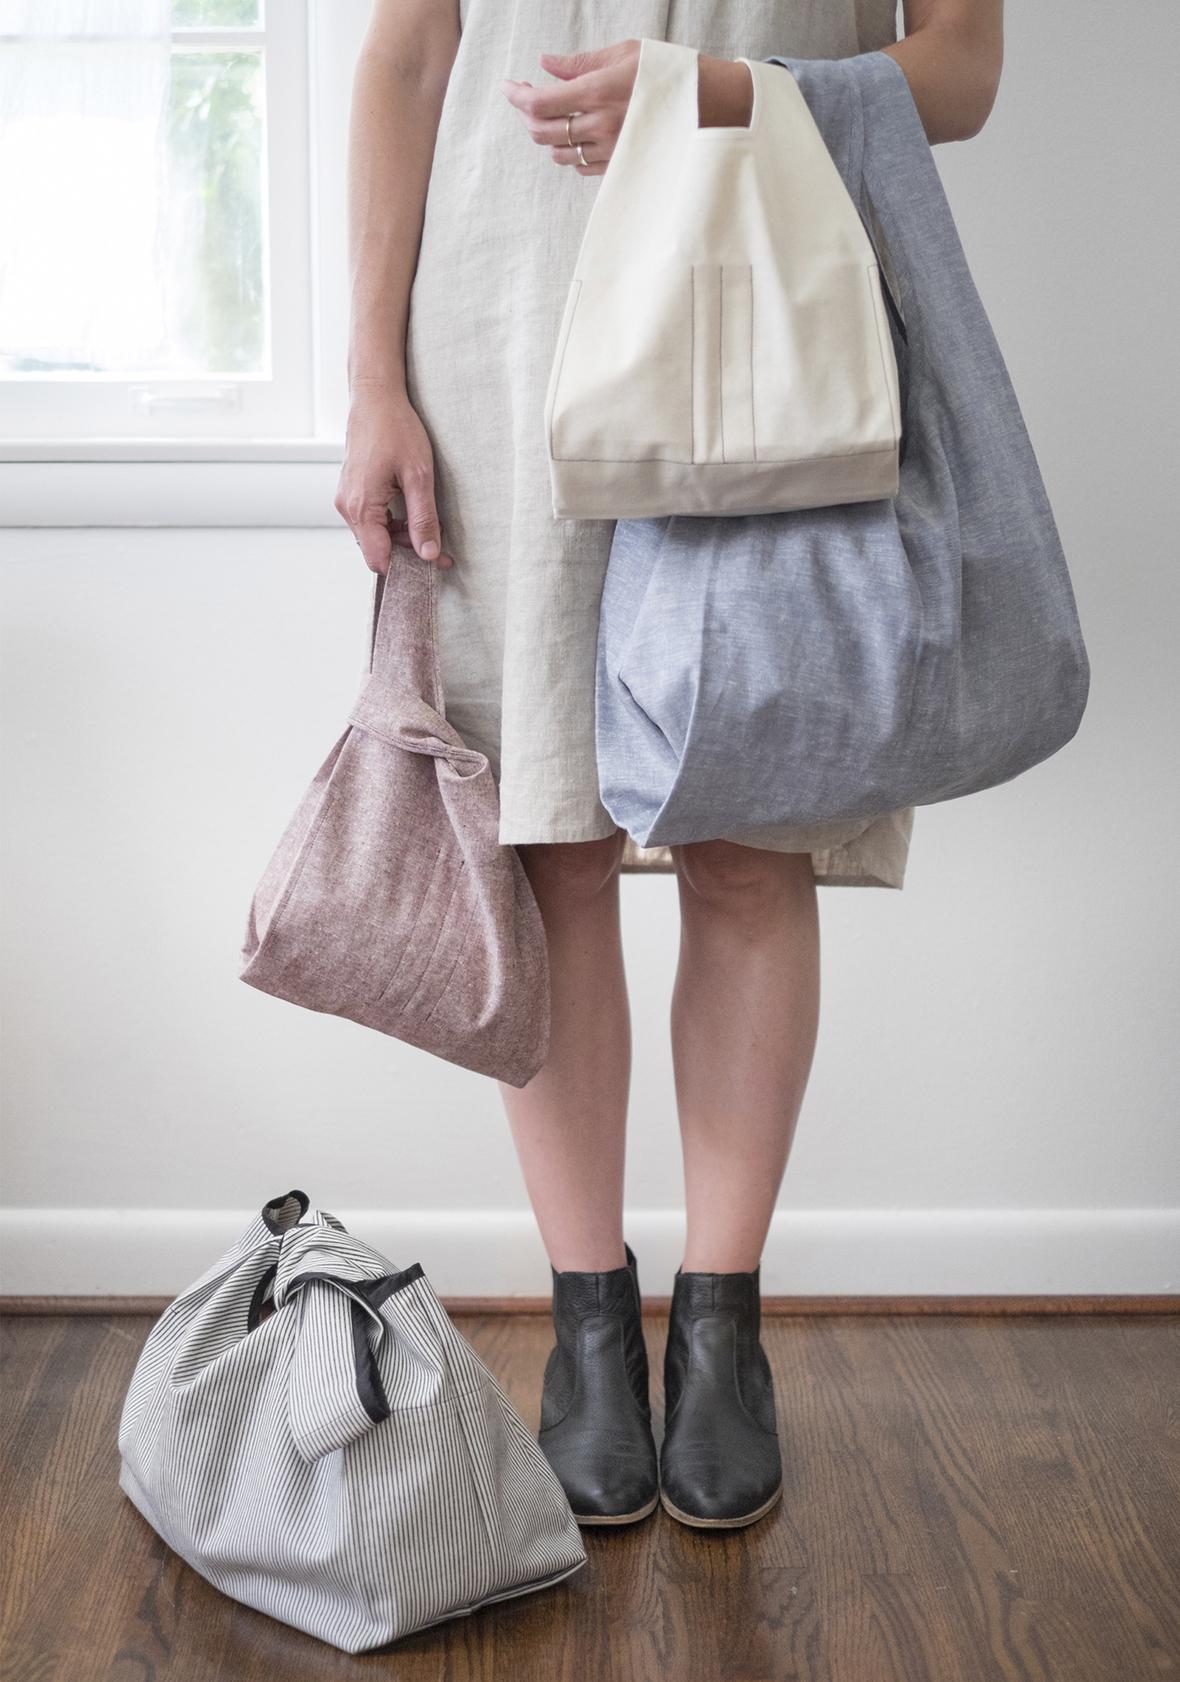 Grainline- stowe bag